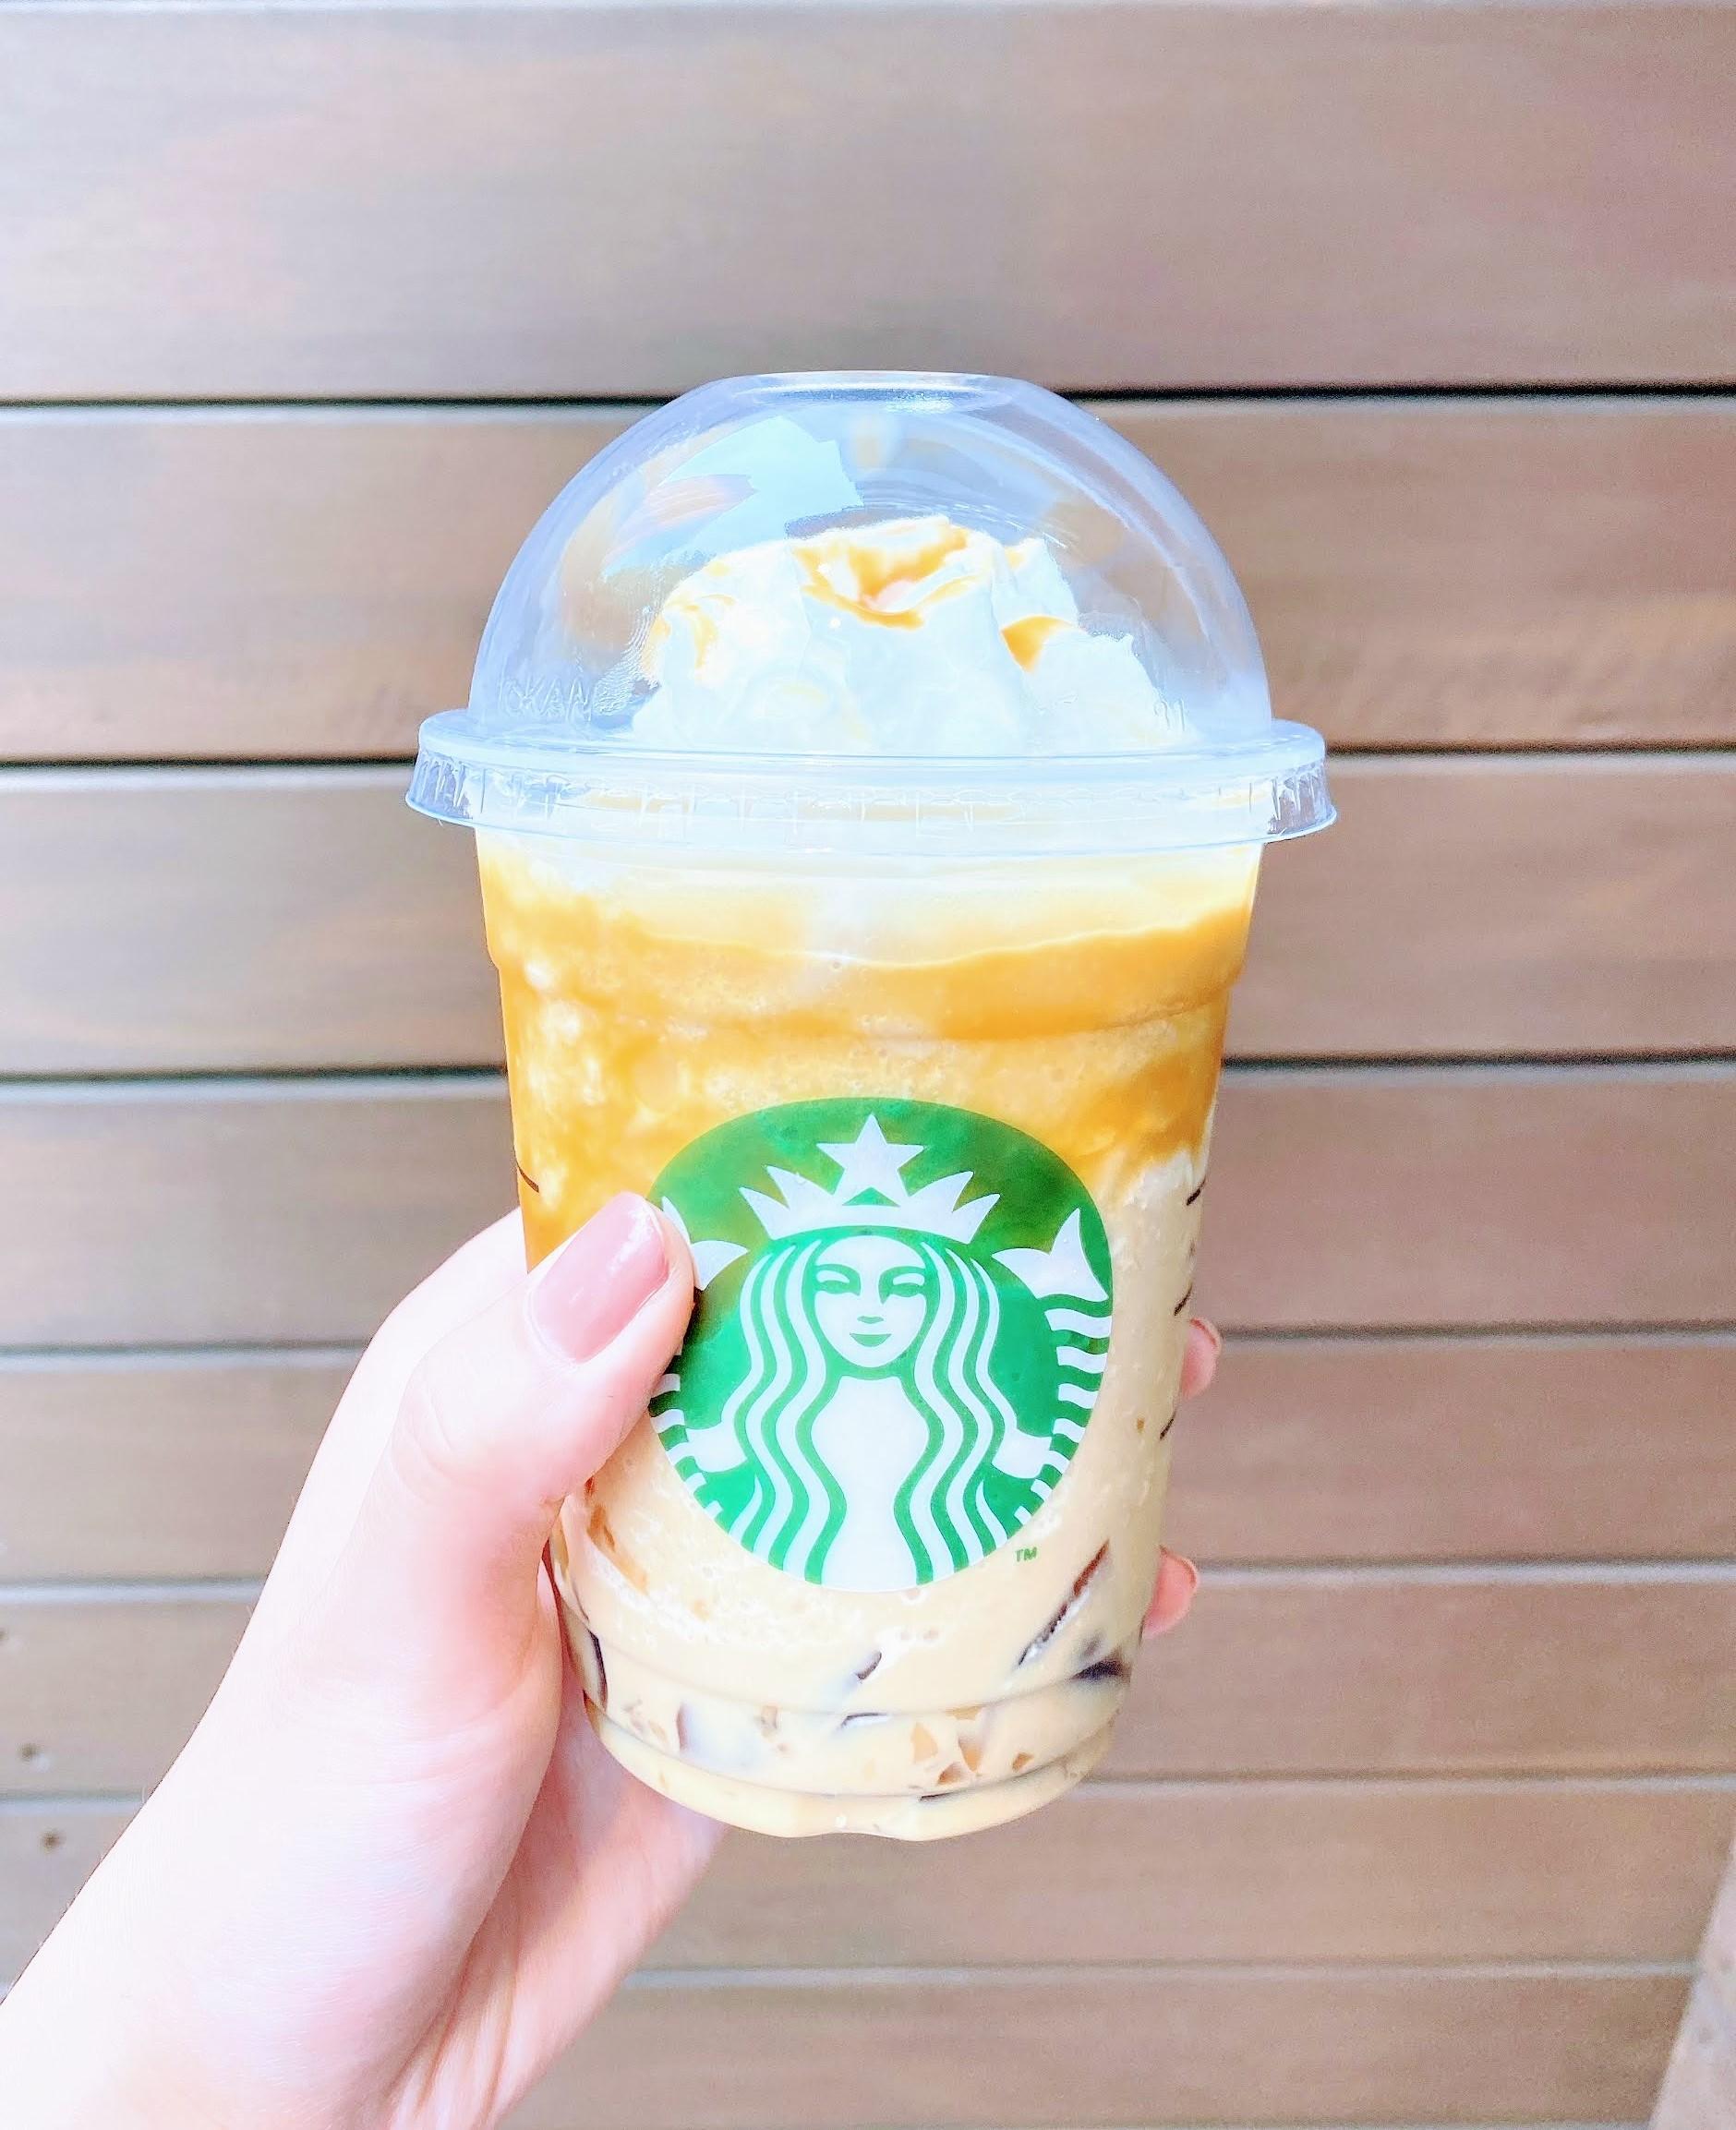 【スタバ】東京限定フラペチーノはコーヒーのほろ苦さとキャラメルの甘さが絶妙な大人の味◝(⑅•ᴗ•⑅)◜..°♡_1